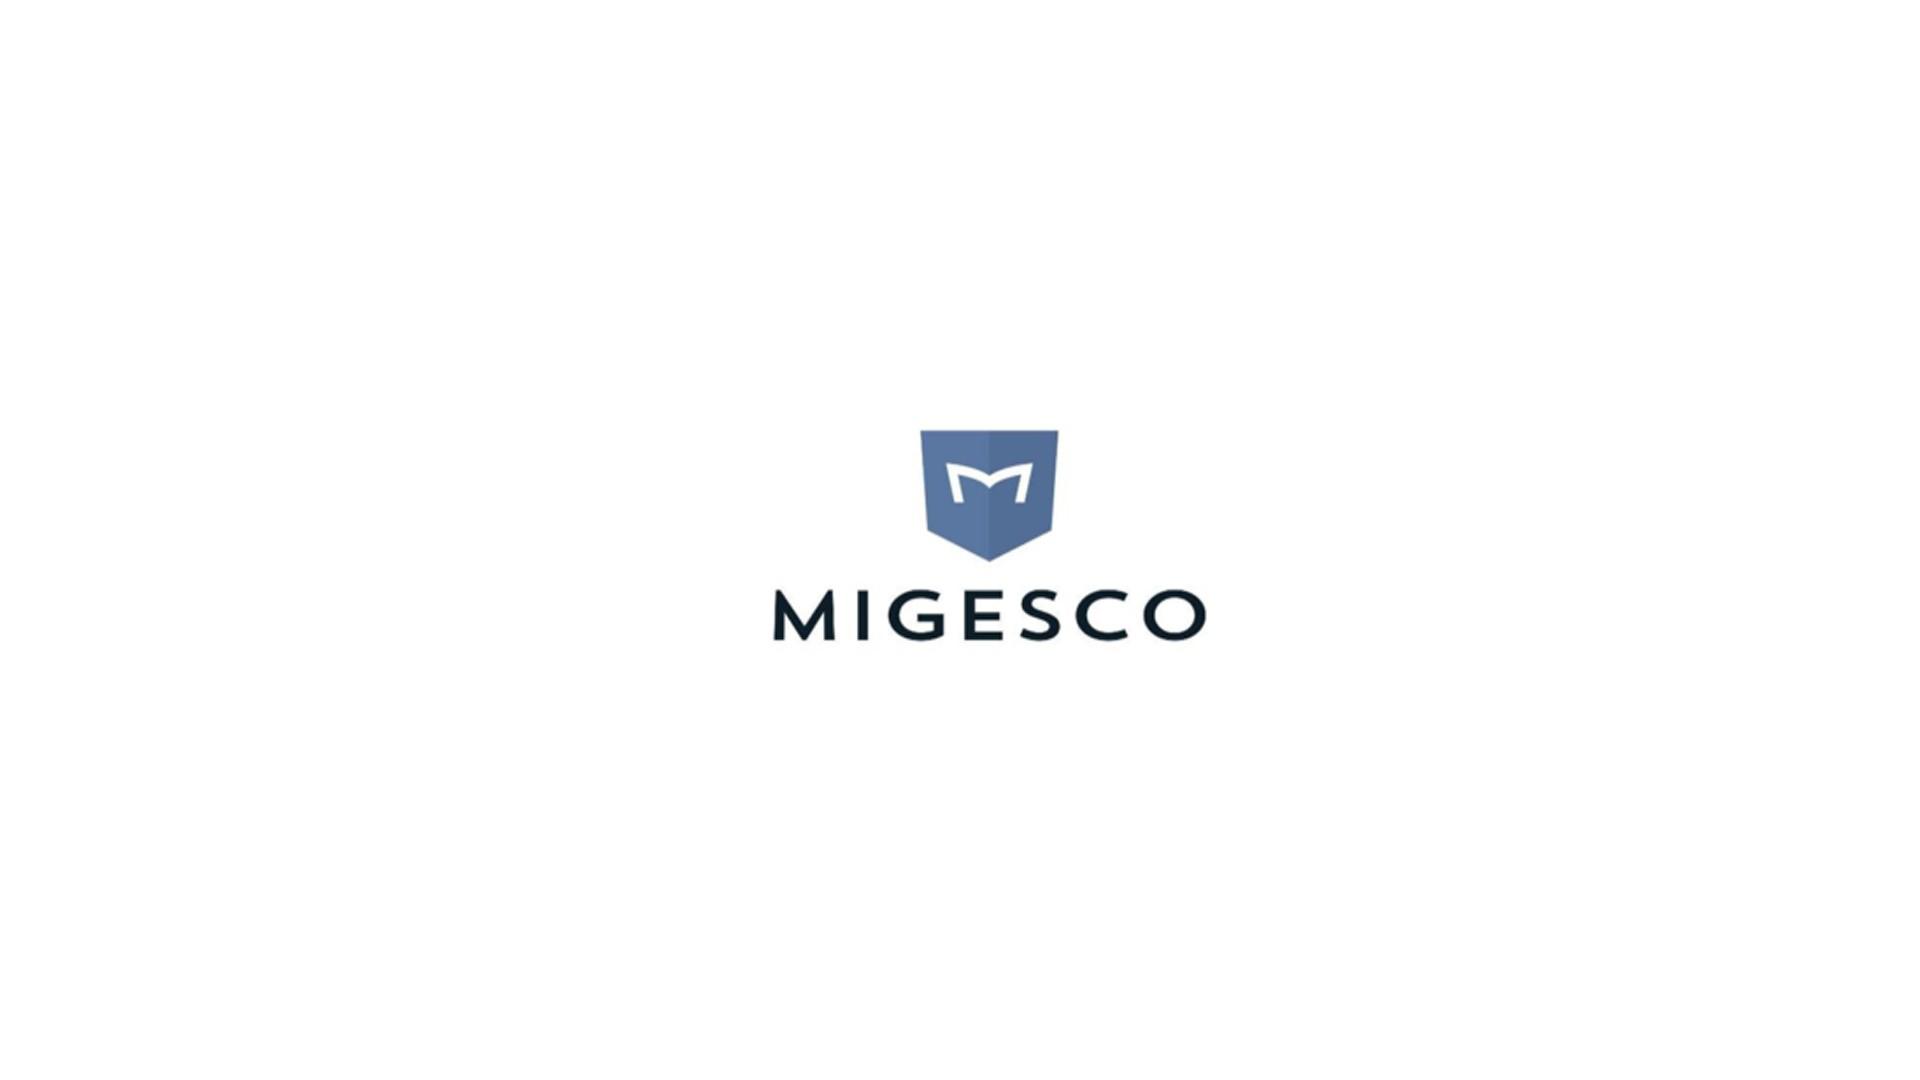 Обзор брокера бинарных опционов Migesco: отзывы о работе и торговых возможностях